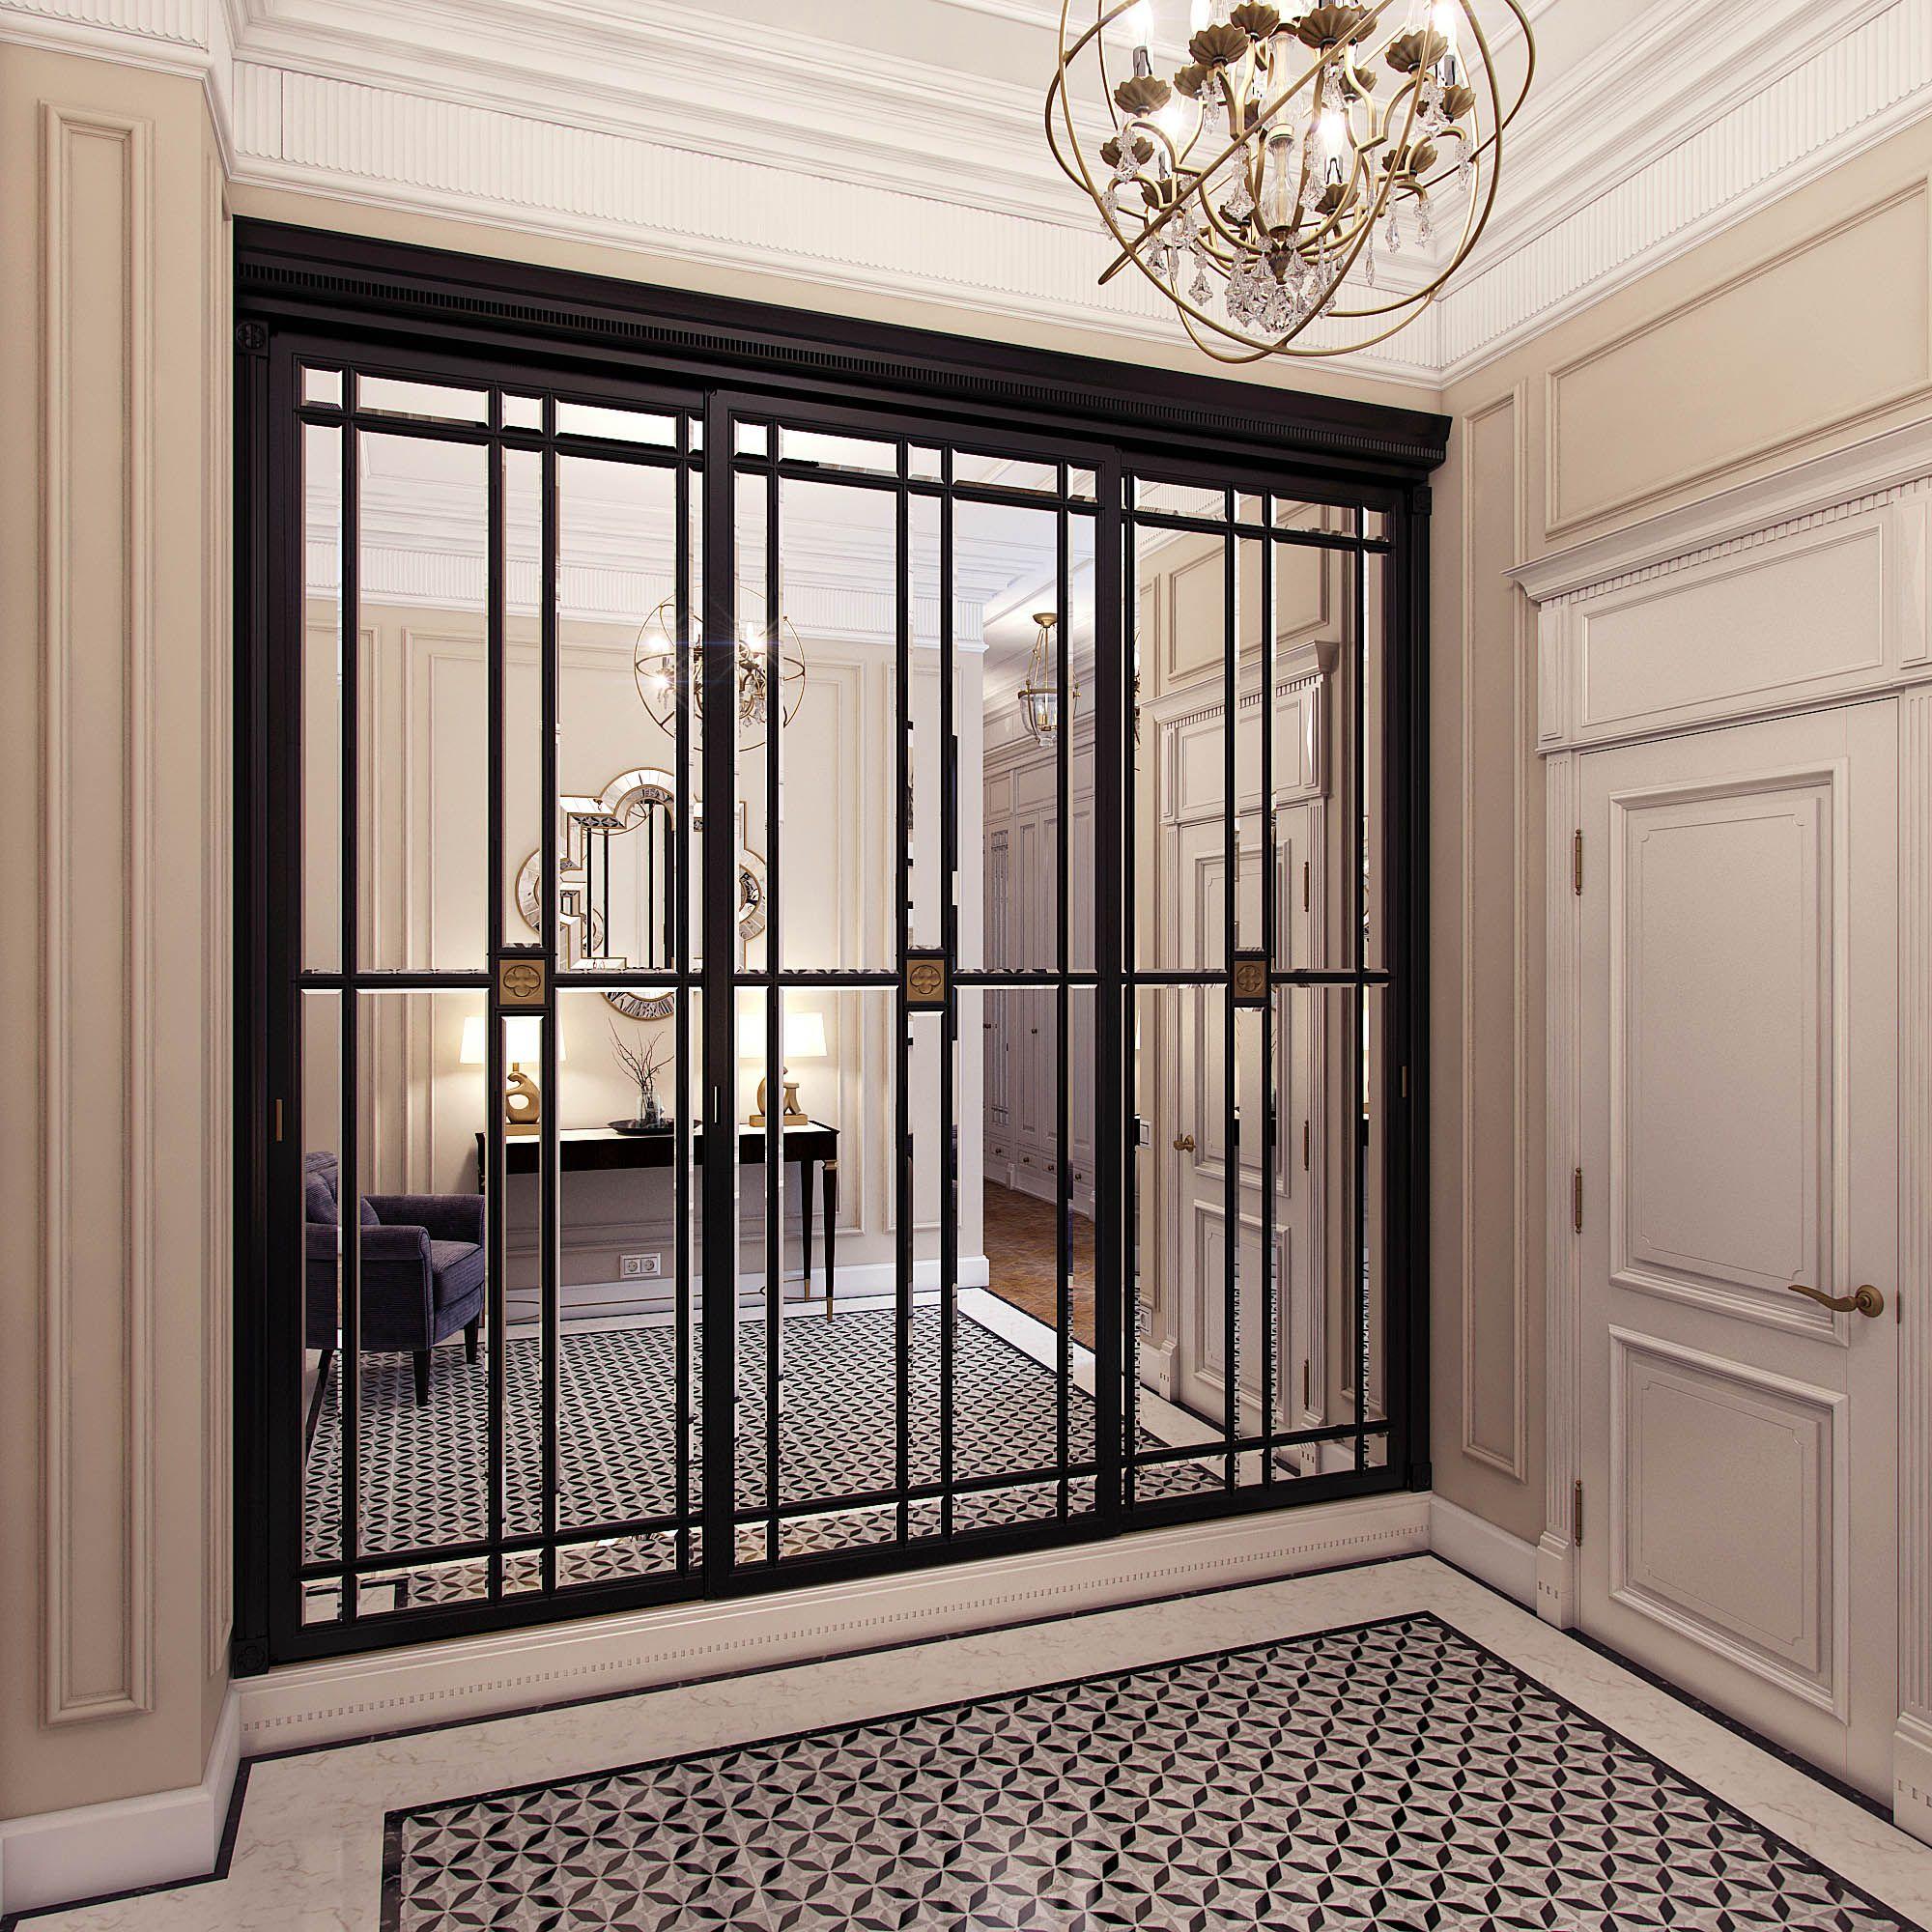 Интерьер жилого дома Галерея 3dddru: Хочу здесь побывать